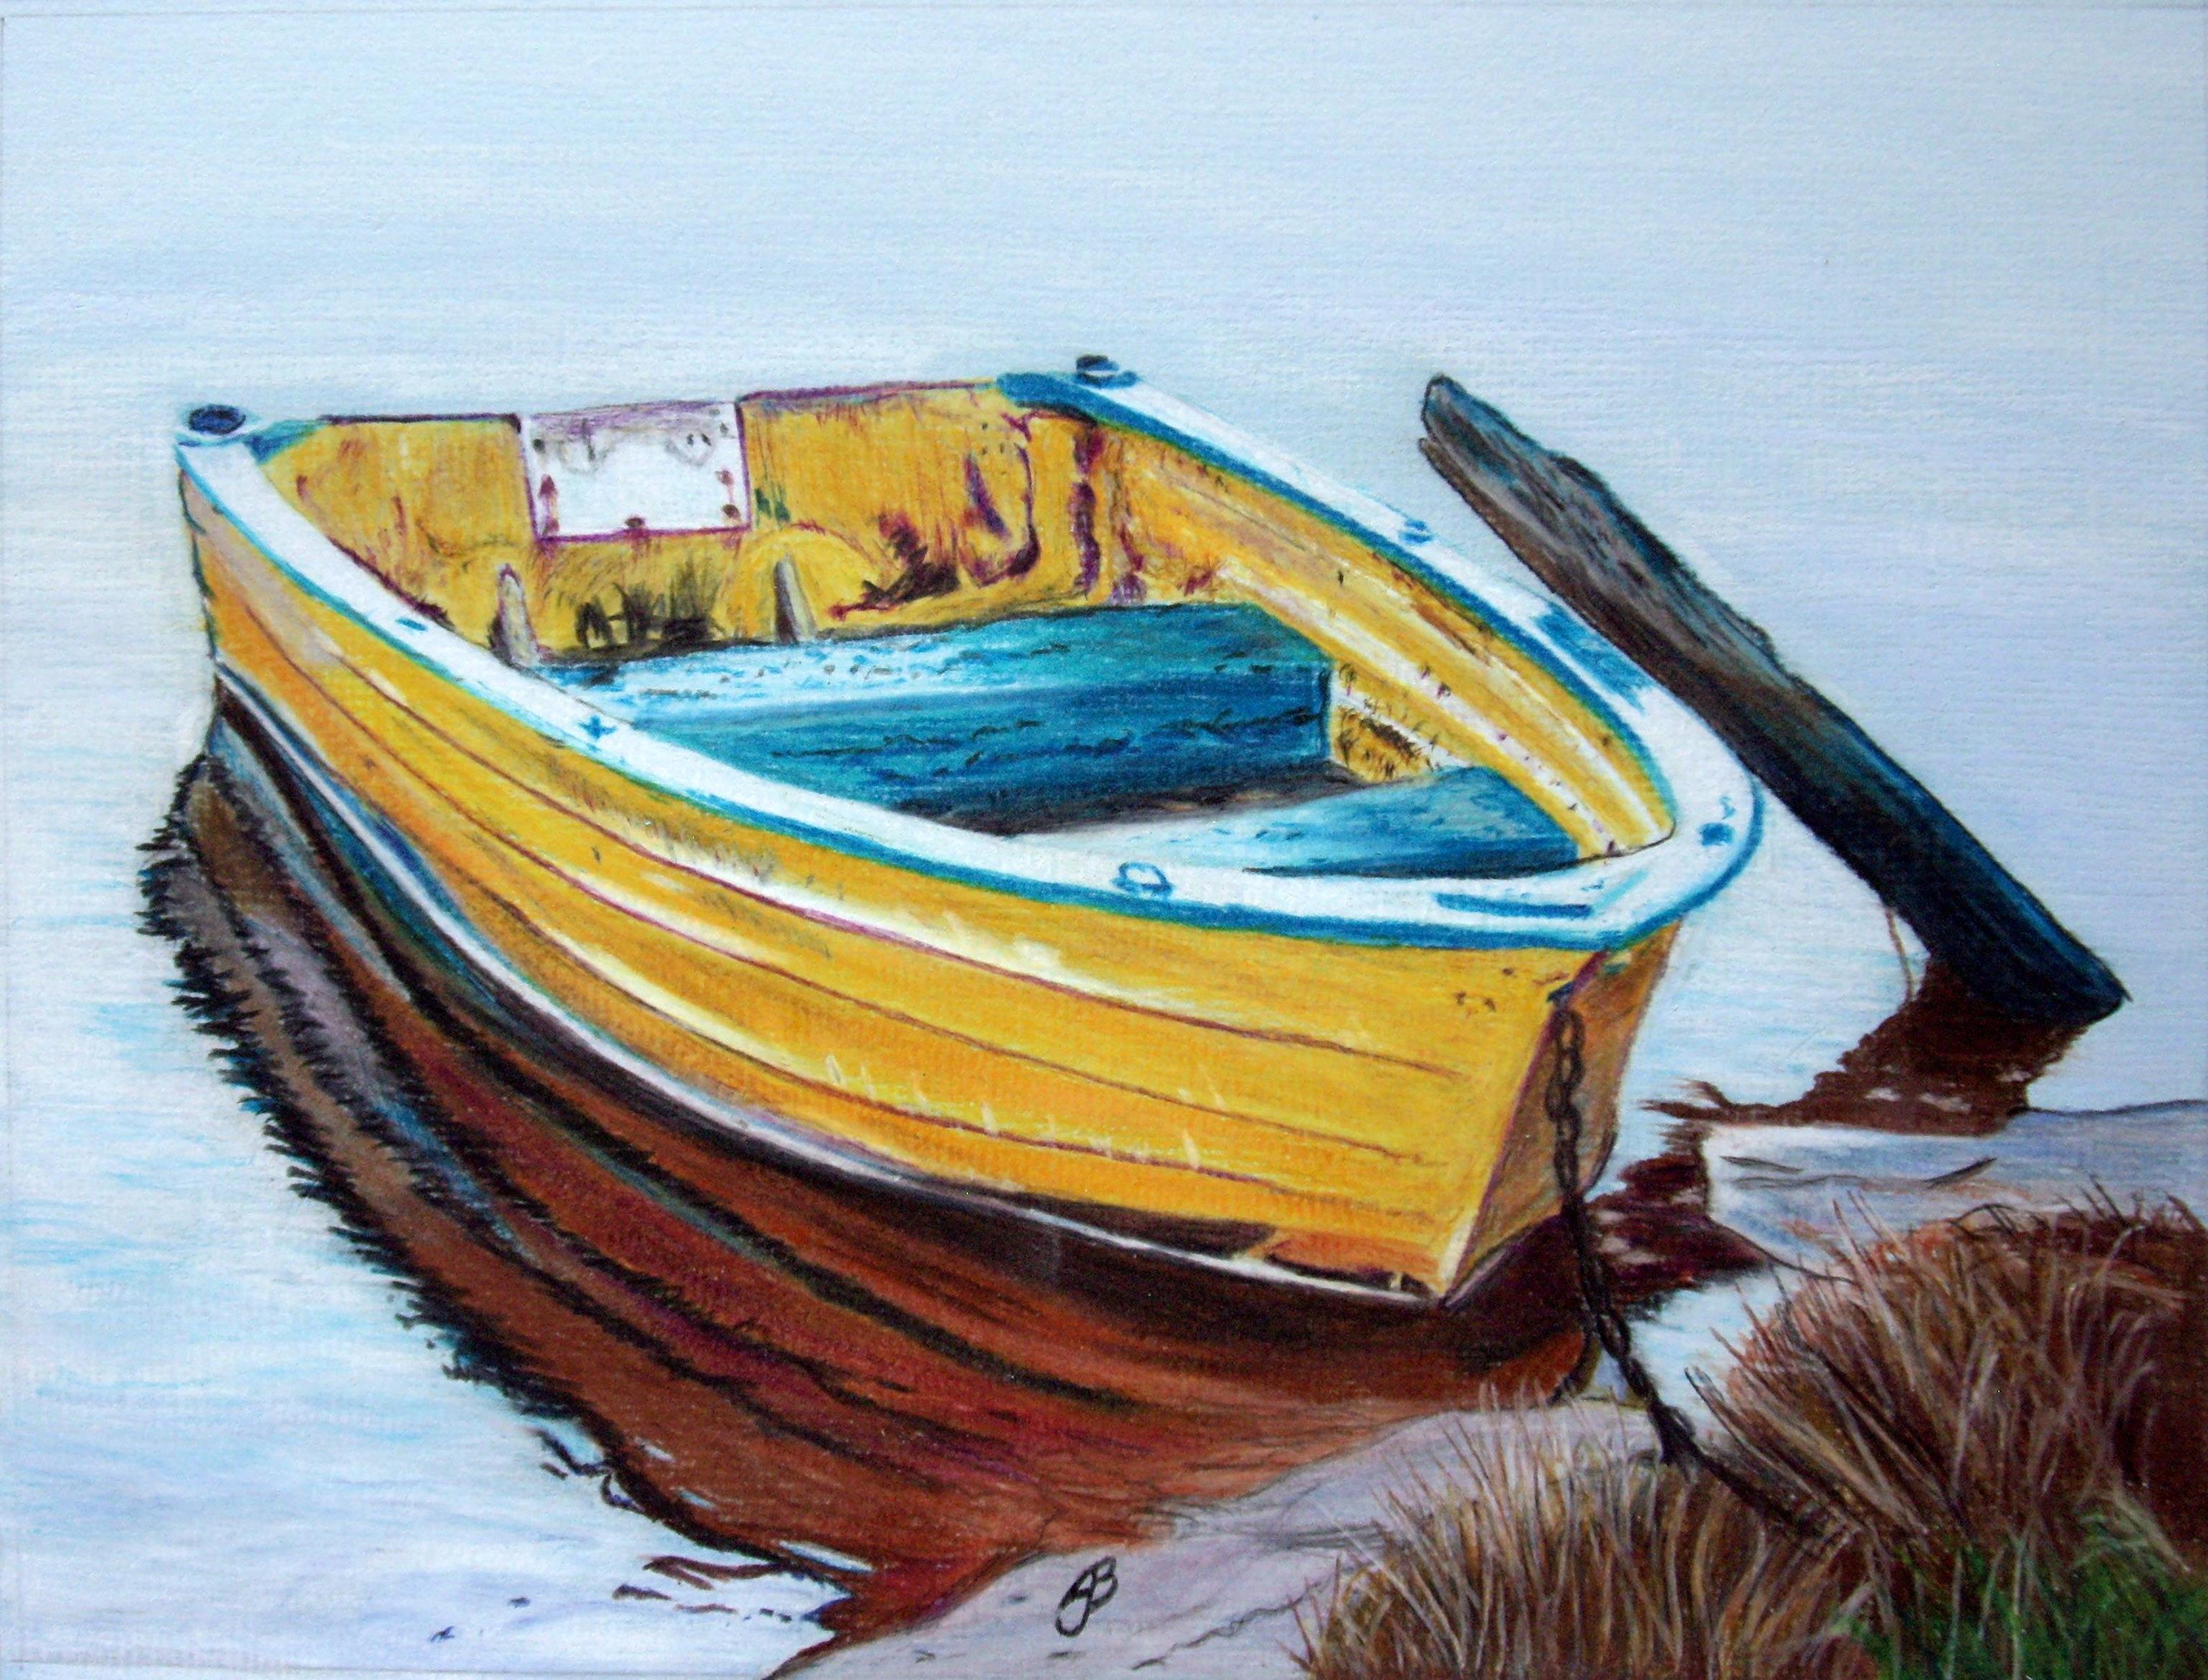 Jon Boat Color Pencil Sketch